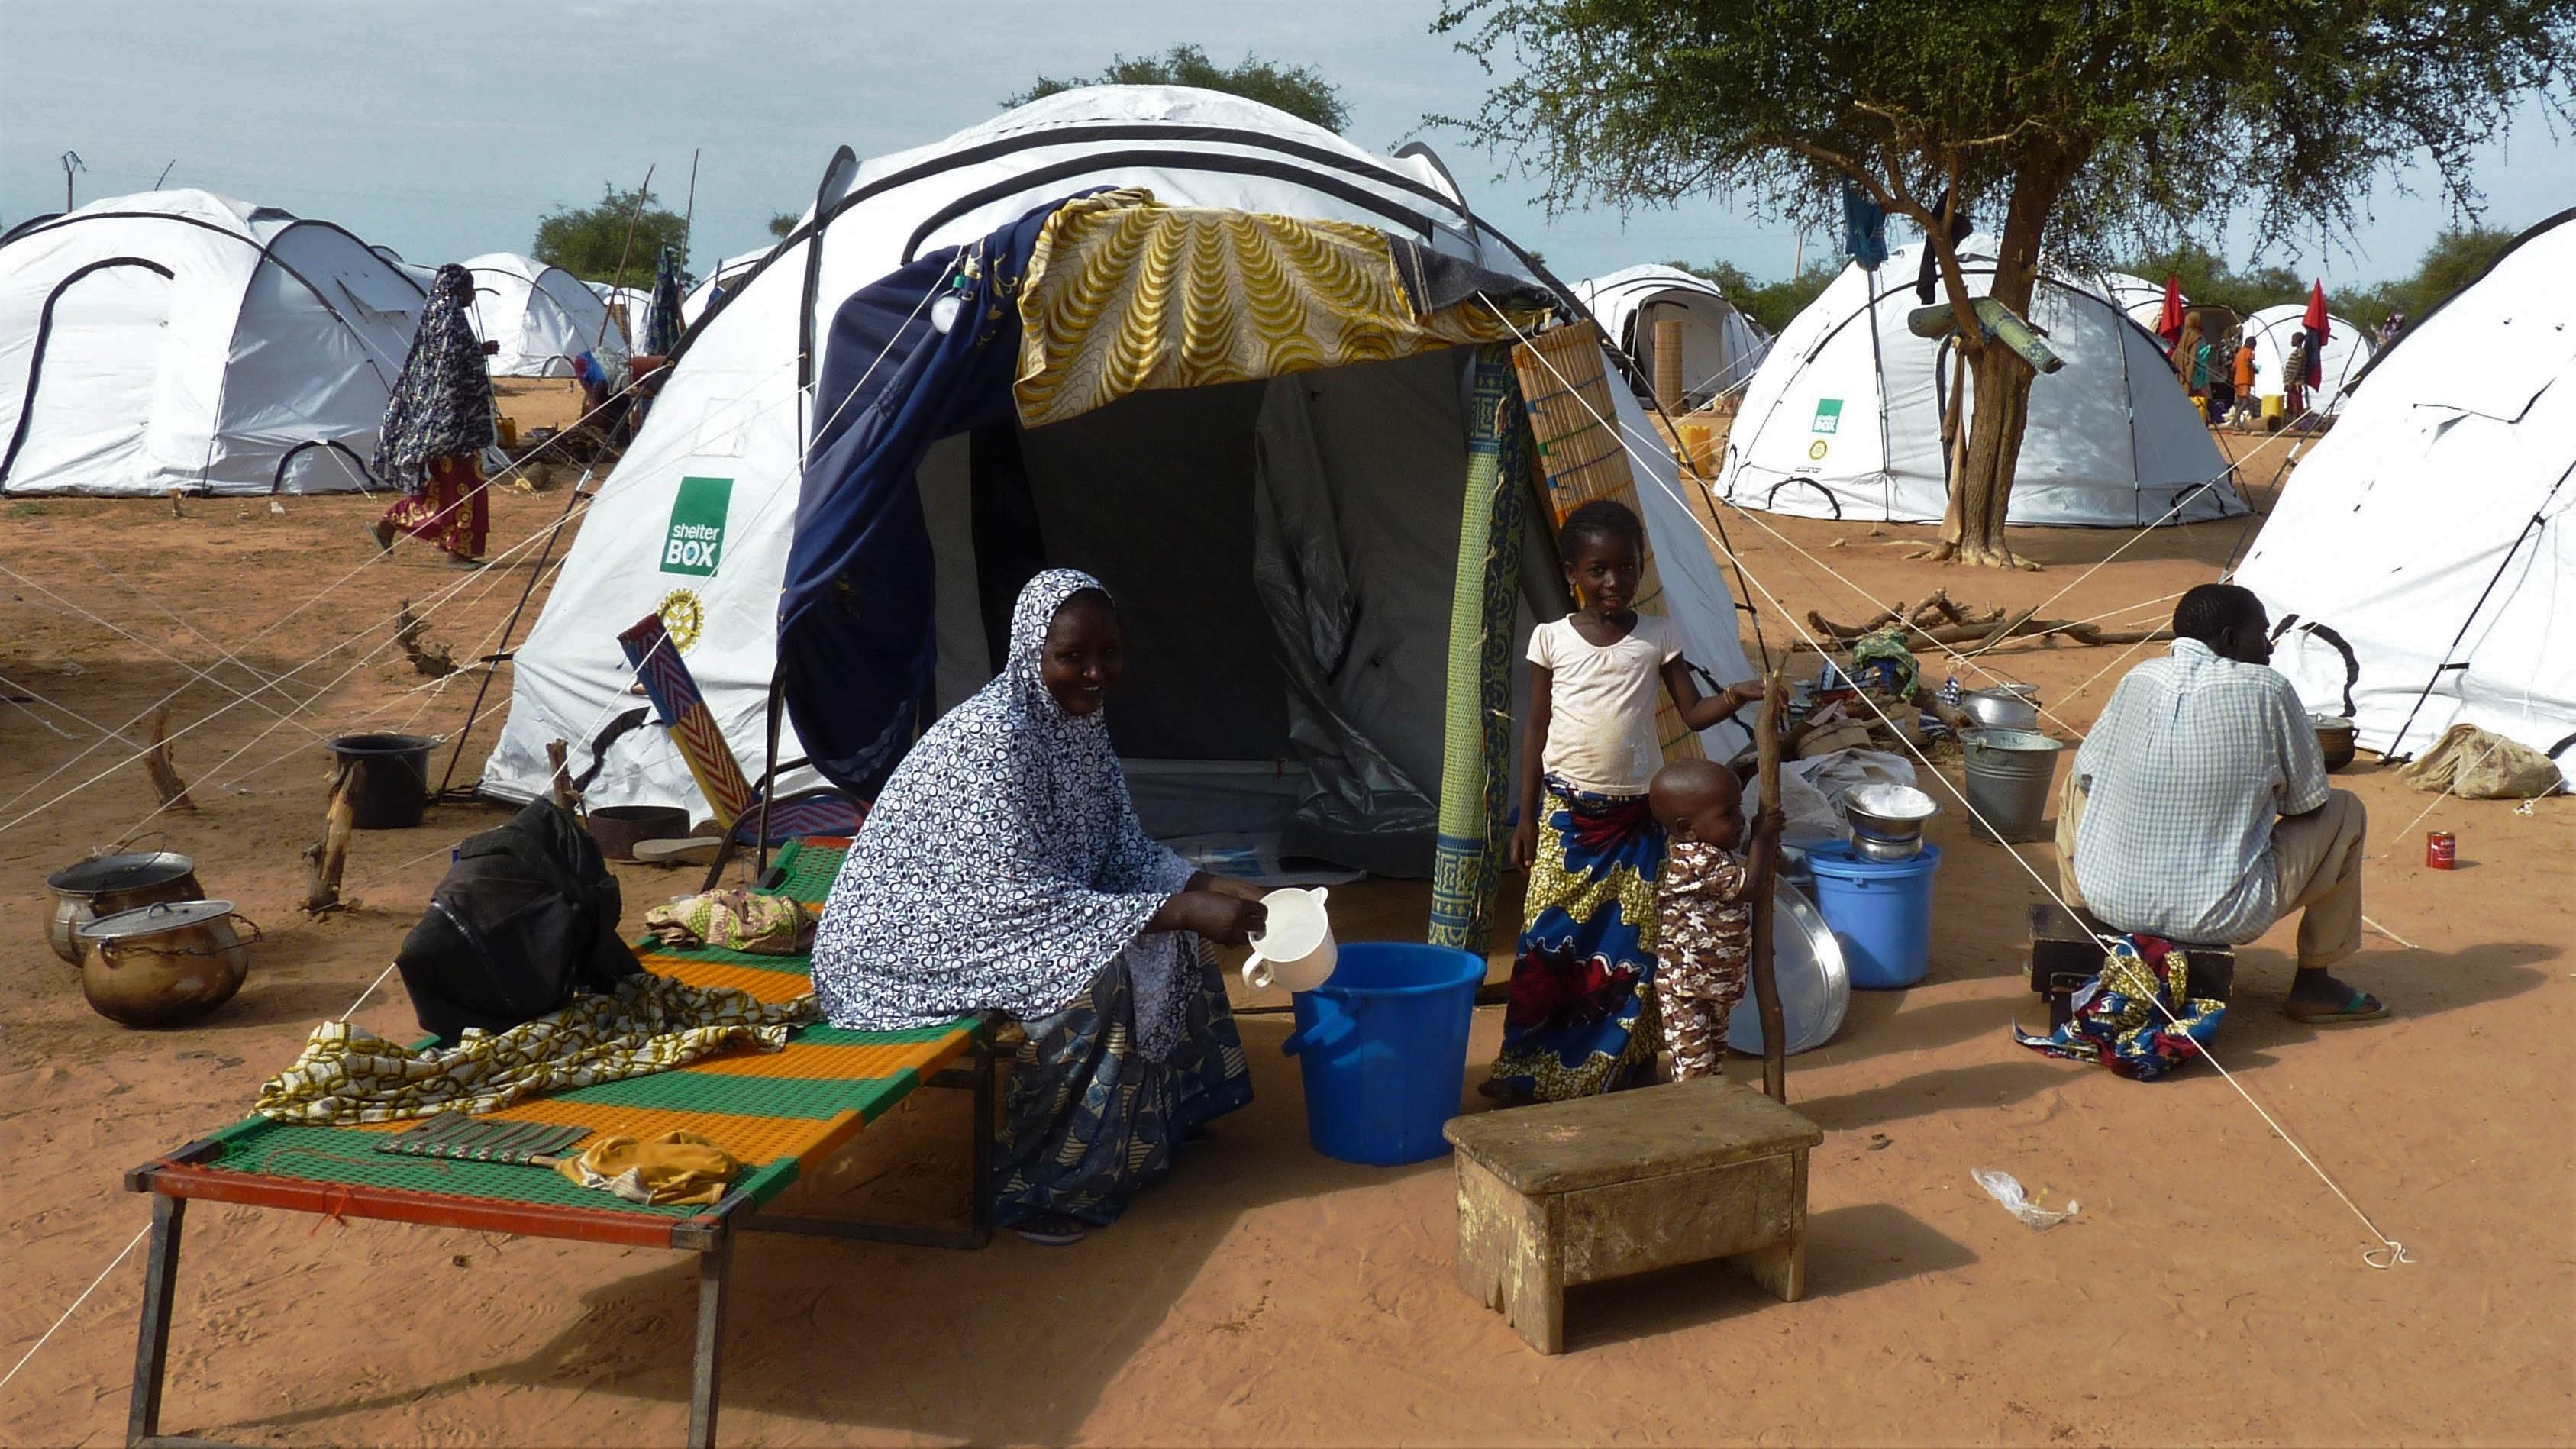 Naturkatastrophen in Afrika: ShelterBox unterstützt Menschen in Nigeria nach einer Flut 2012